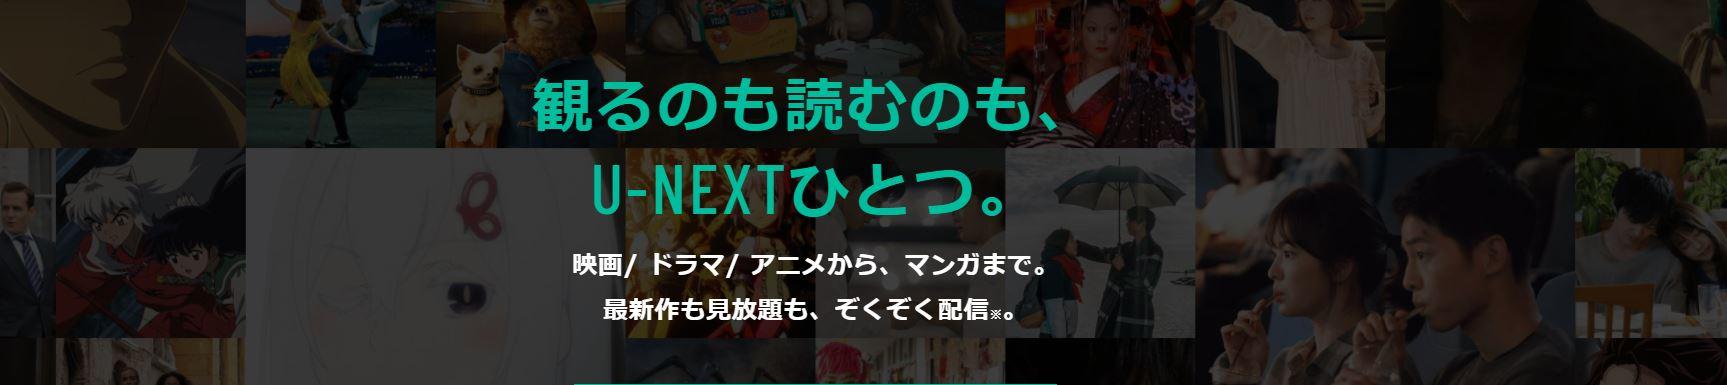 U-NEXT2